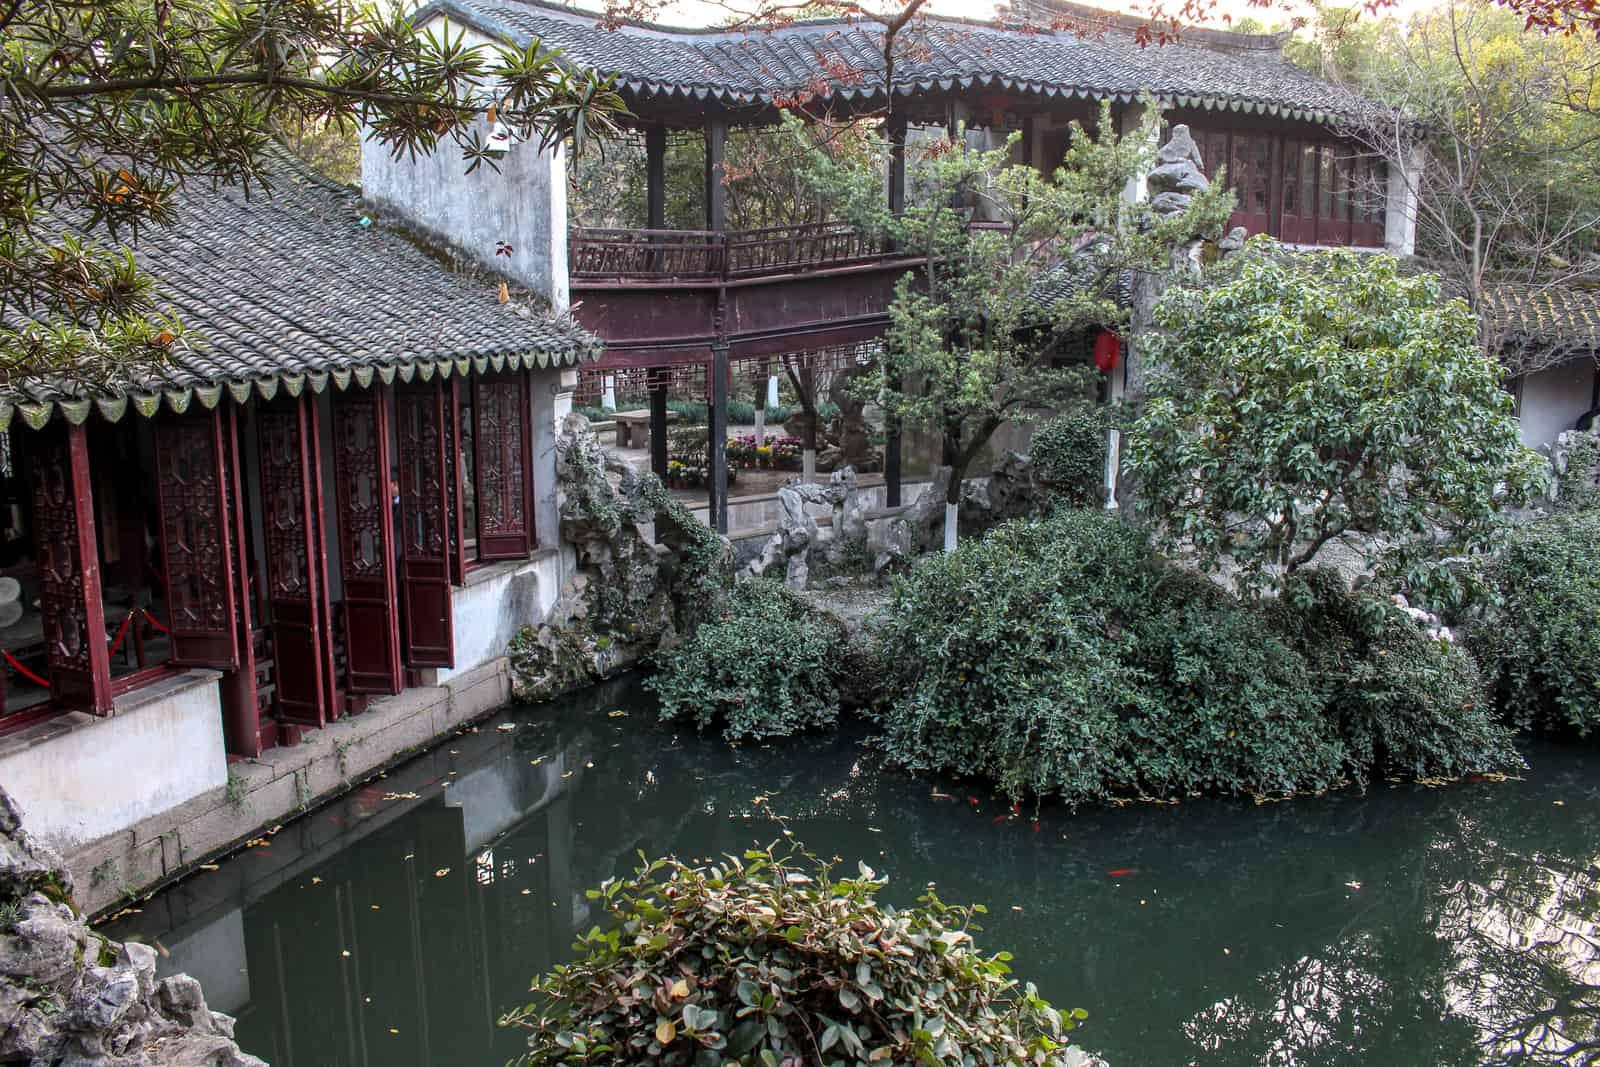 Tongli Tuisi Garden